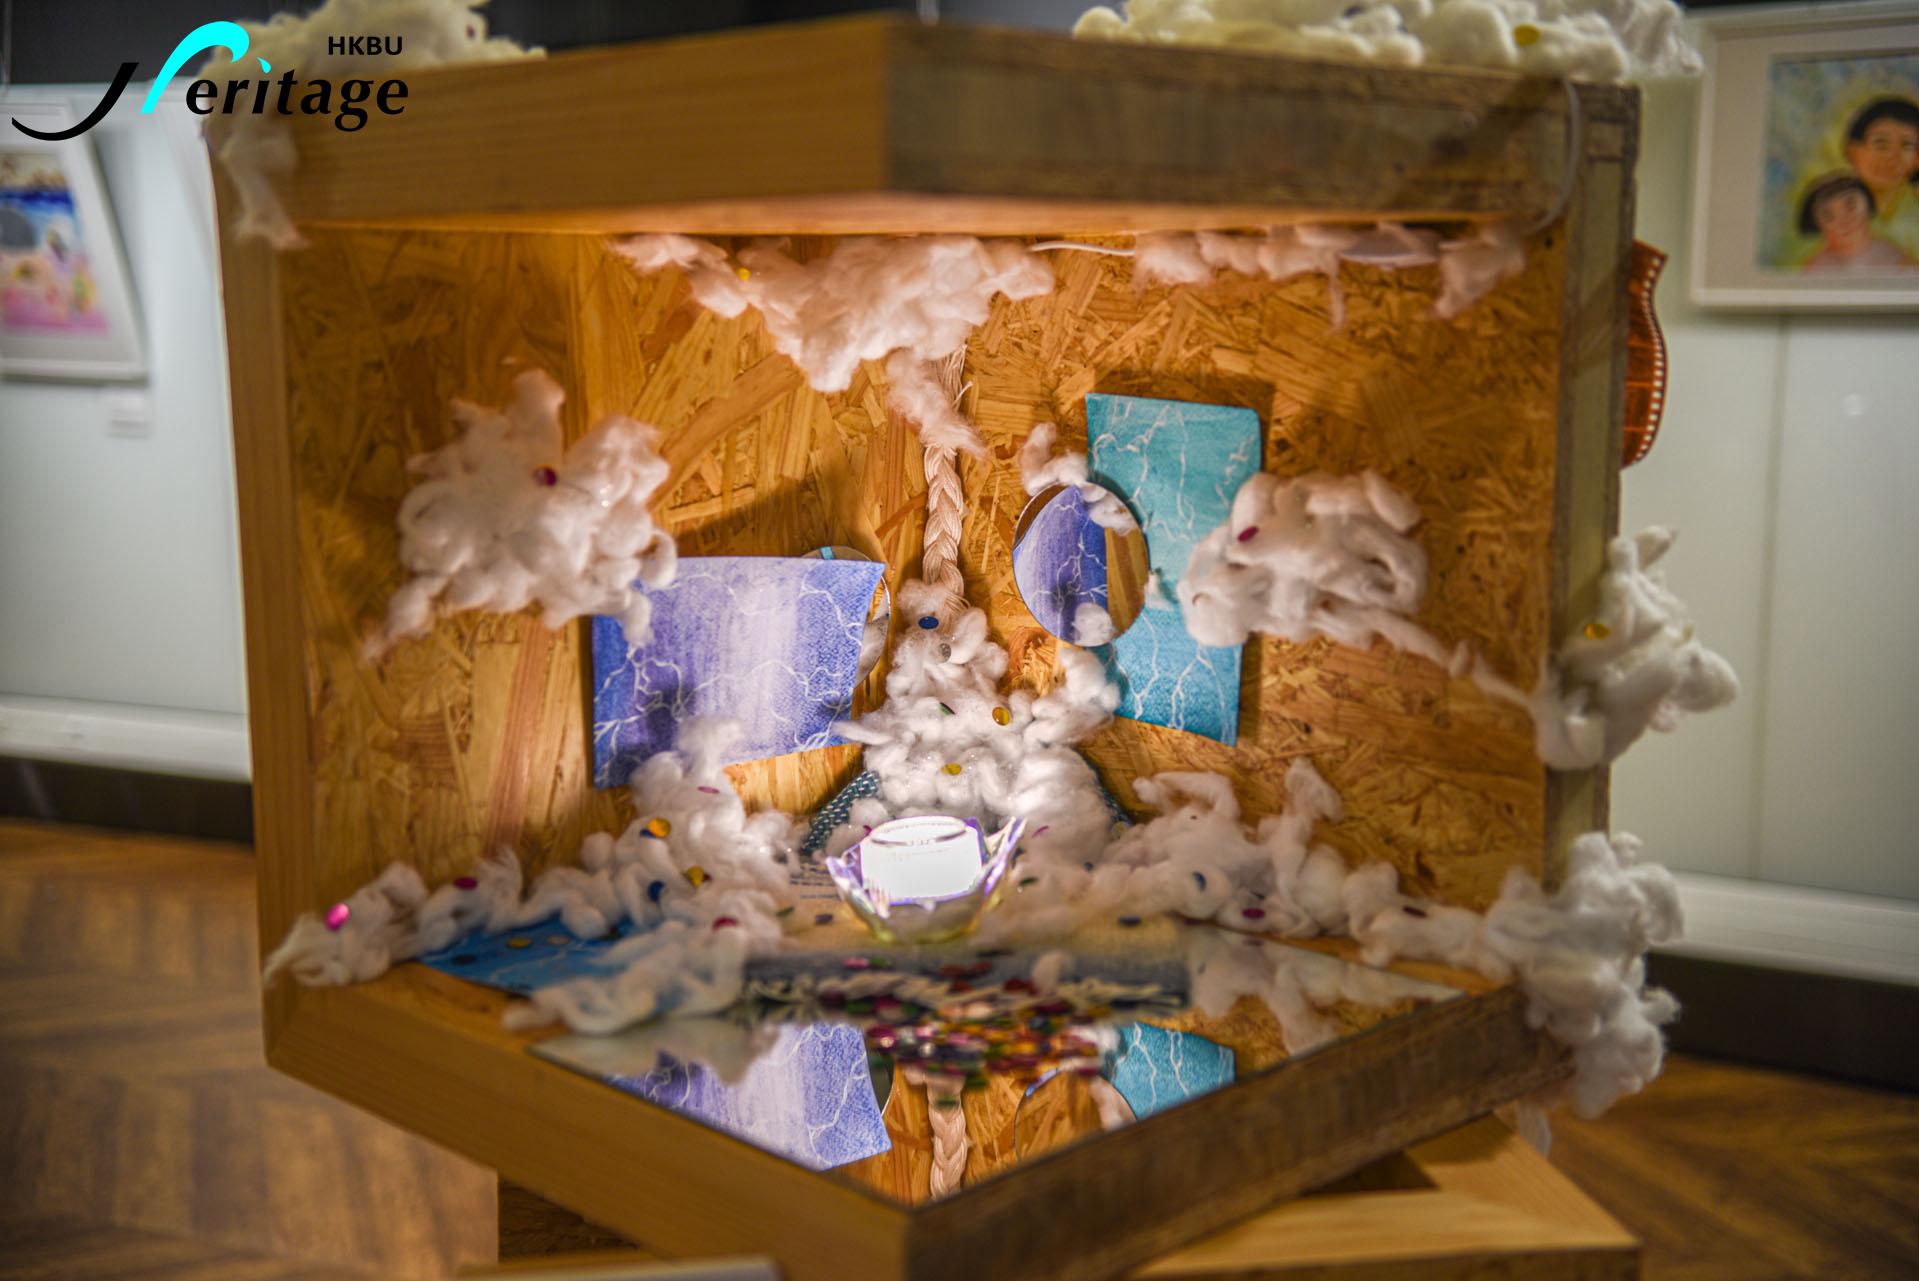 HKBU Heritage : Fragmented Being